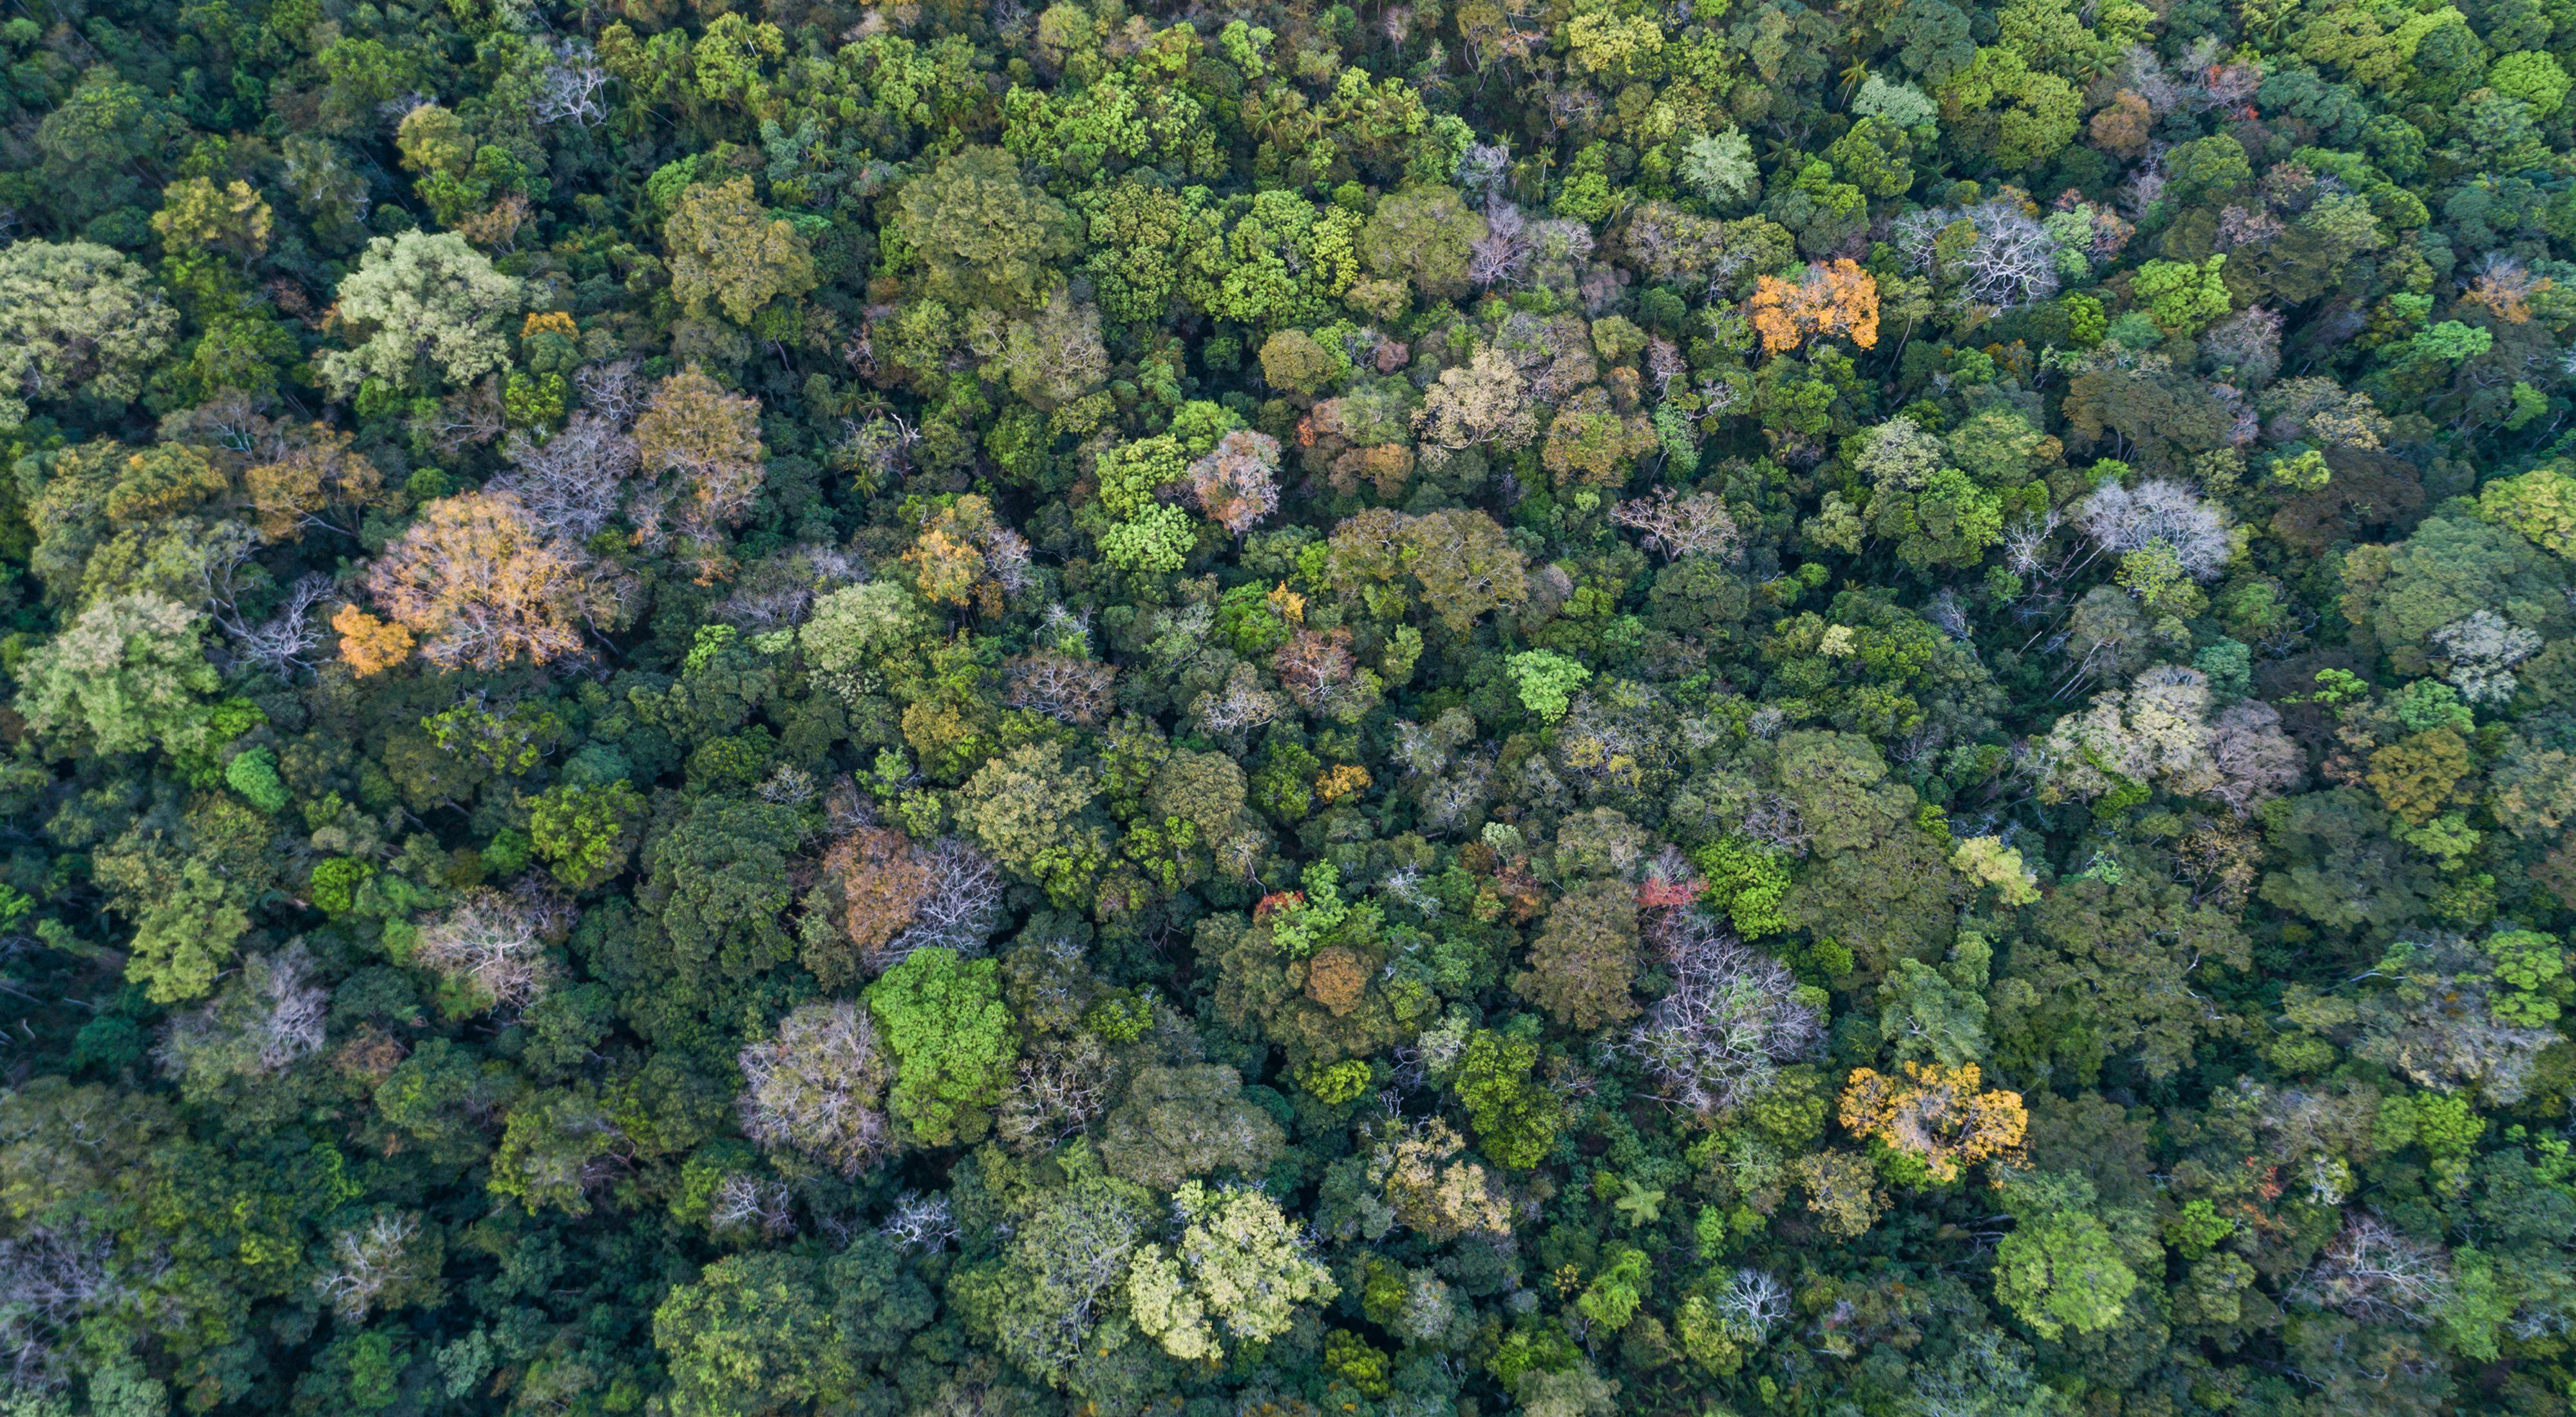 Vista aérea da vegetação de Cerradão na RPPN Mata Funda - Chapada dos Veadeiros, em Alto Paraíso-GO.